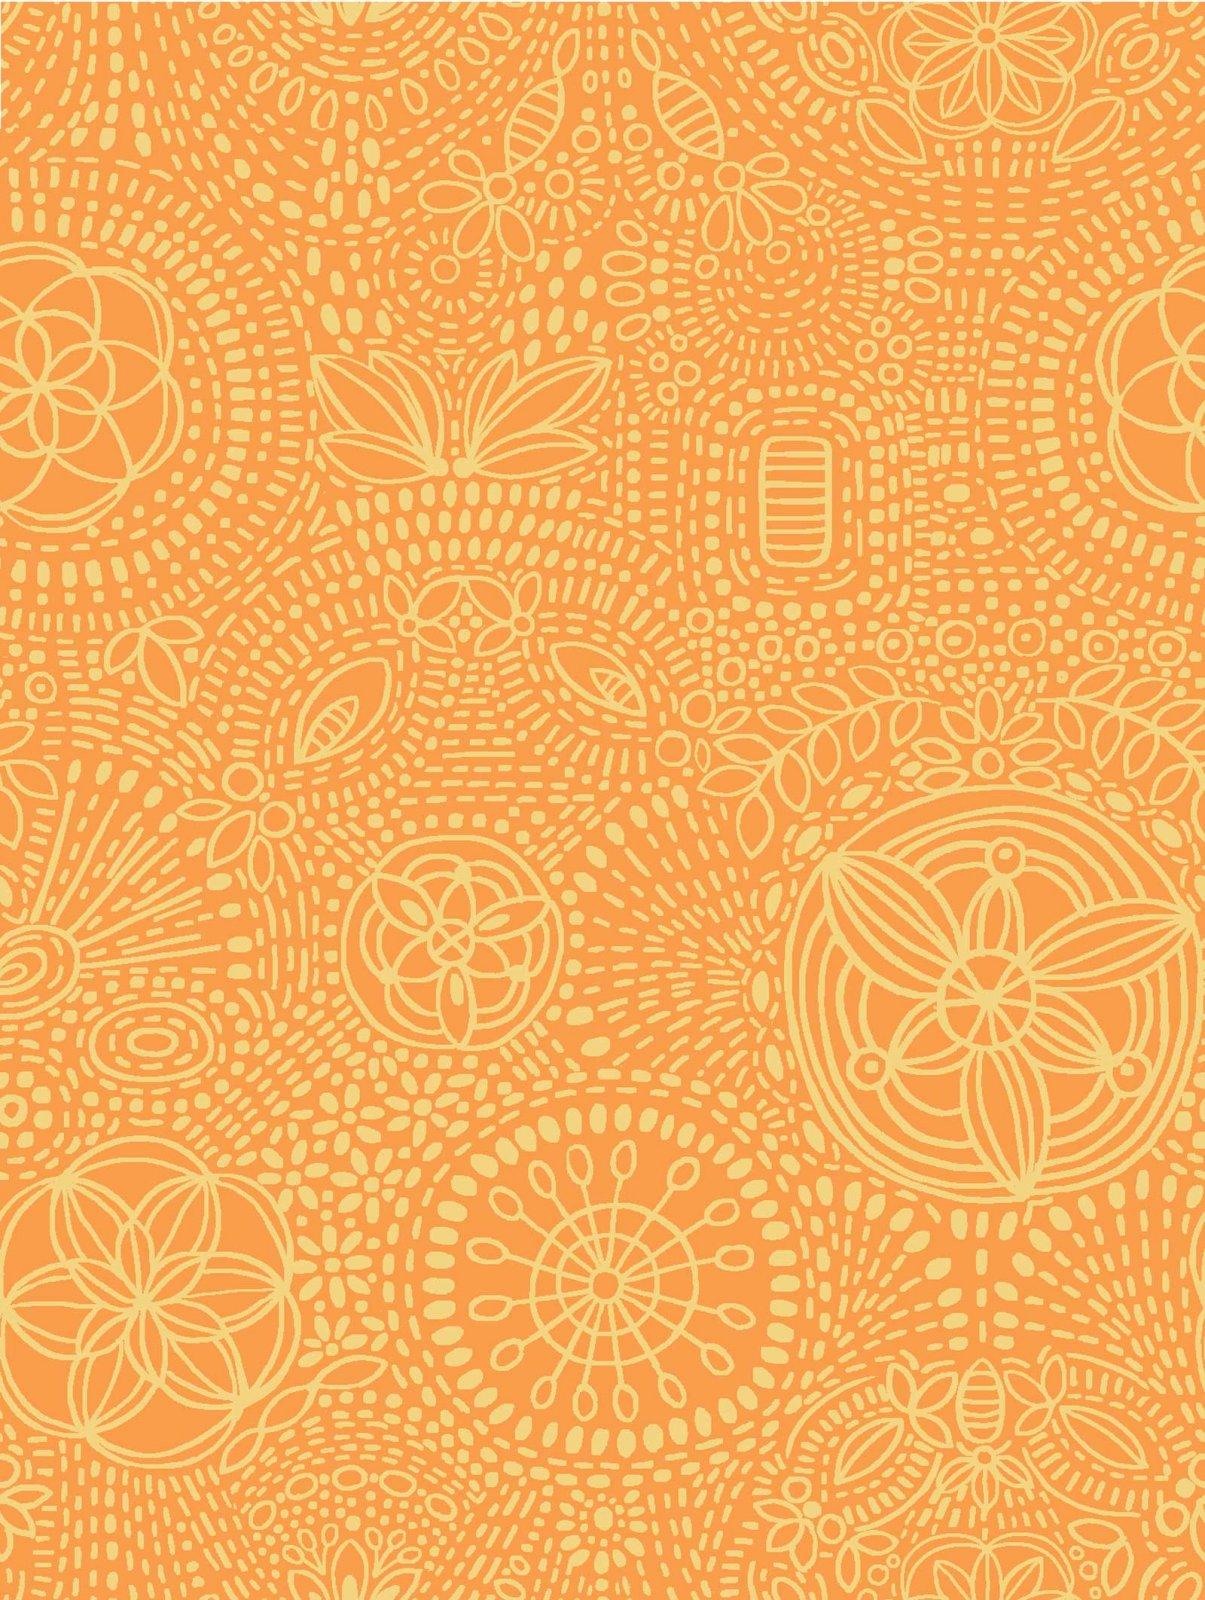 Boho Chic - 60-16902 Orange